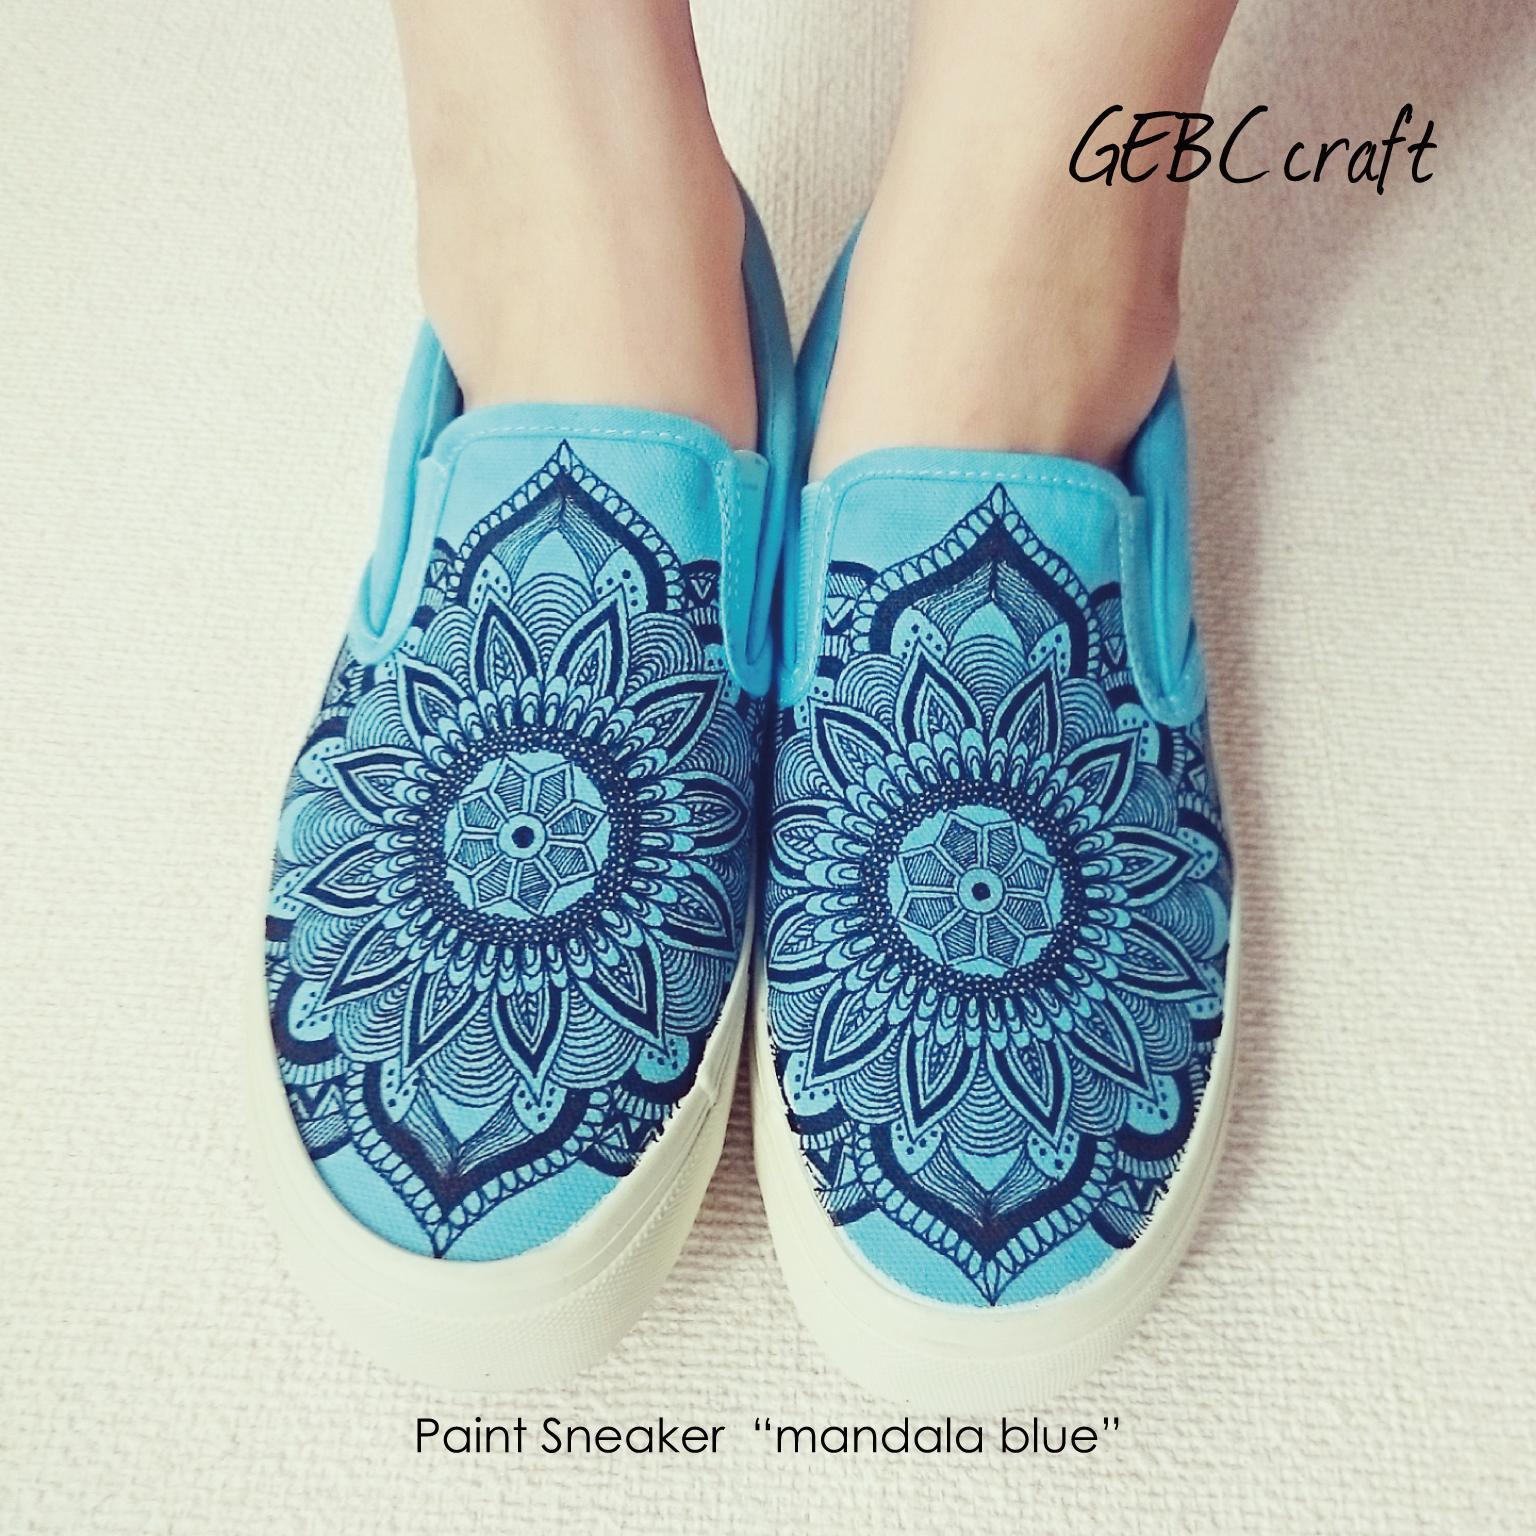 今年の夏は個性溢れるカラーで足元を飾りませんか?